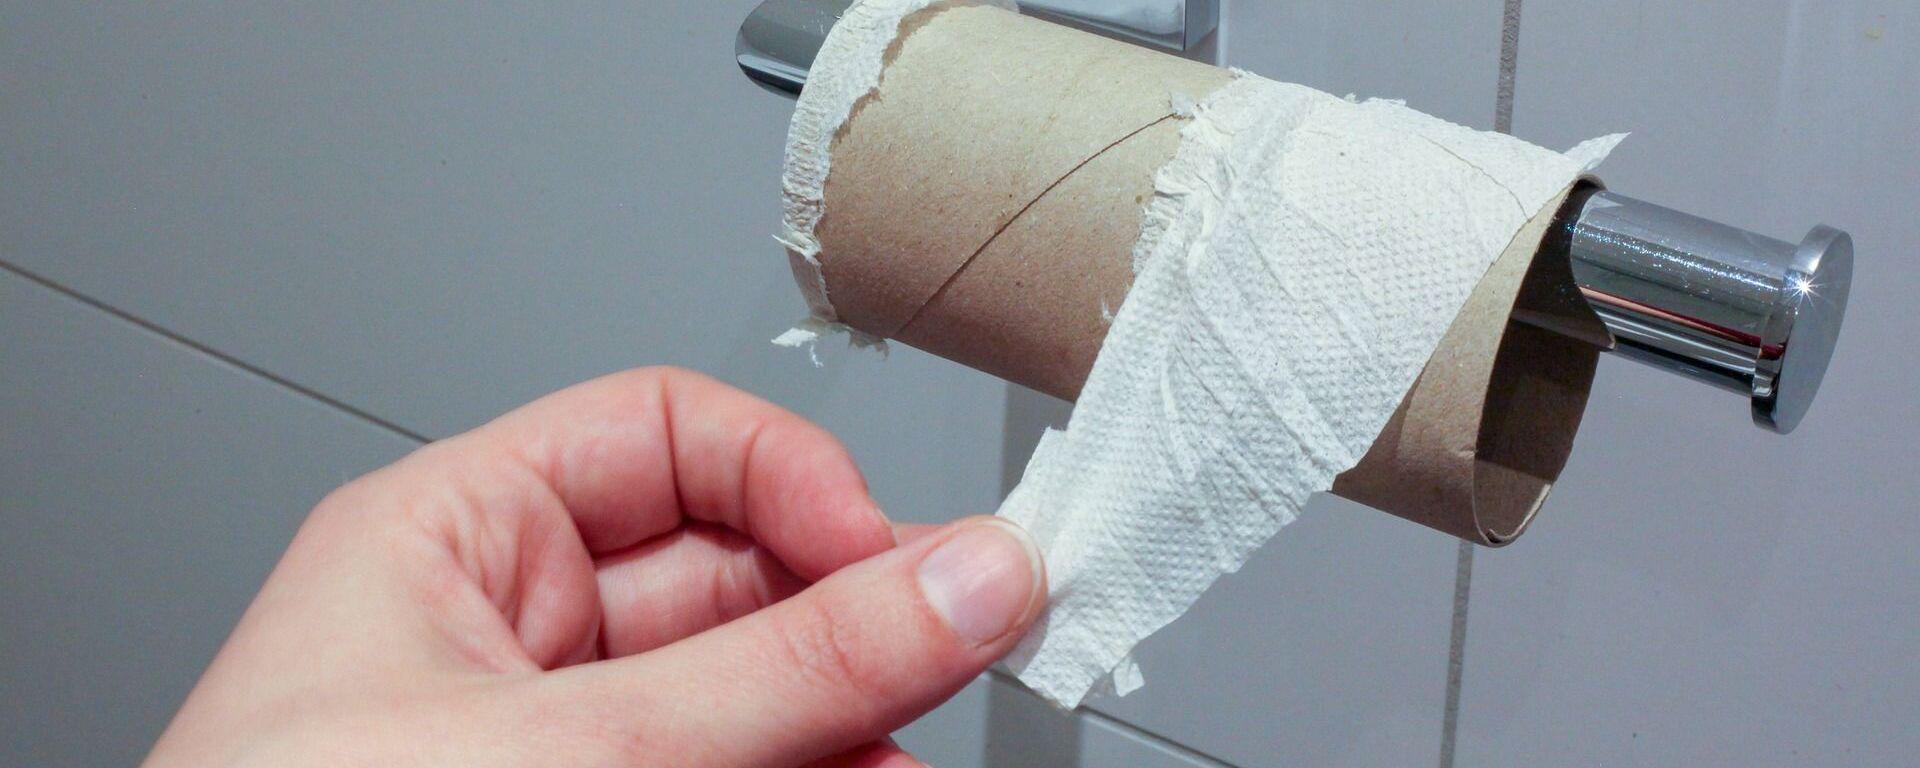 Туалетная бумага - Sputnik Таджикистан, 1920, 25.03.2021